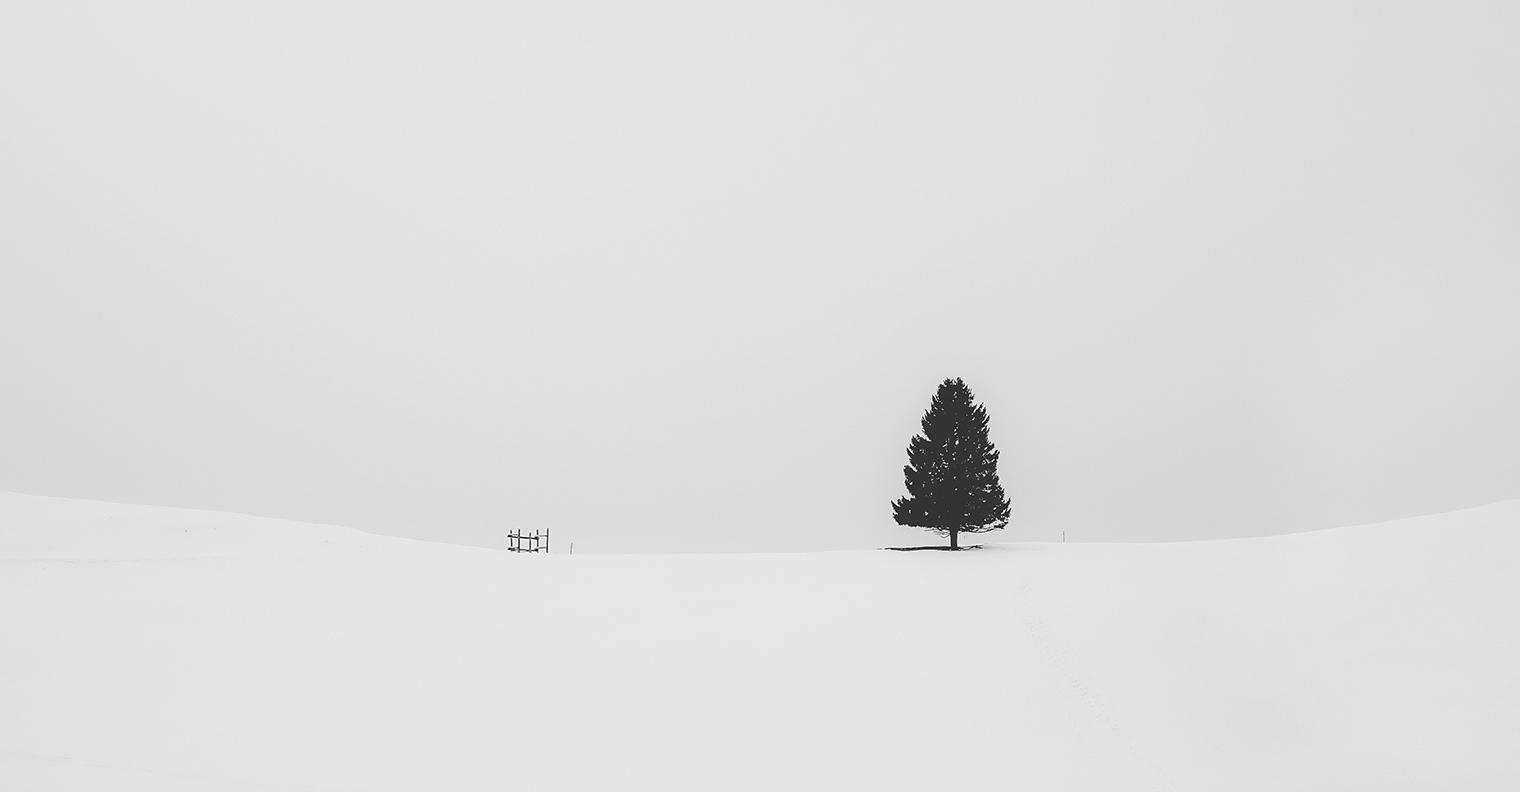 czym jest minimalizm